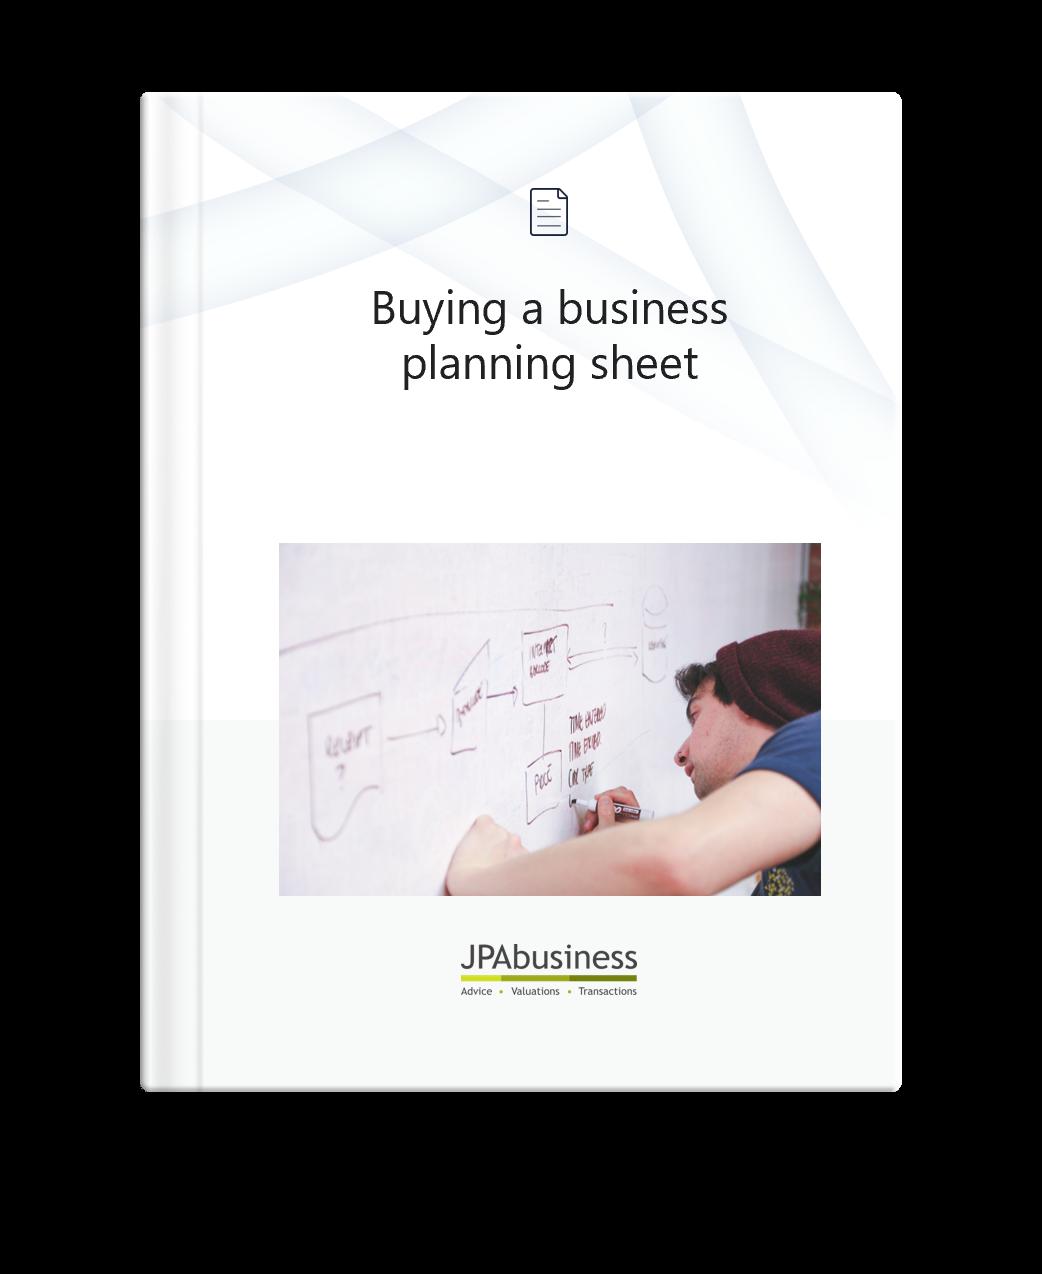 Buying a Business Planning Sheet   JPAbusiness